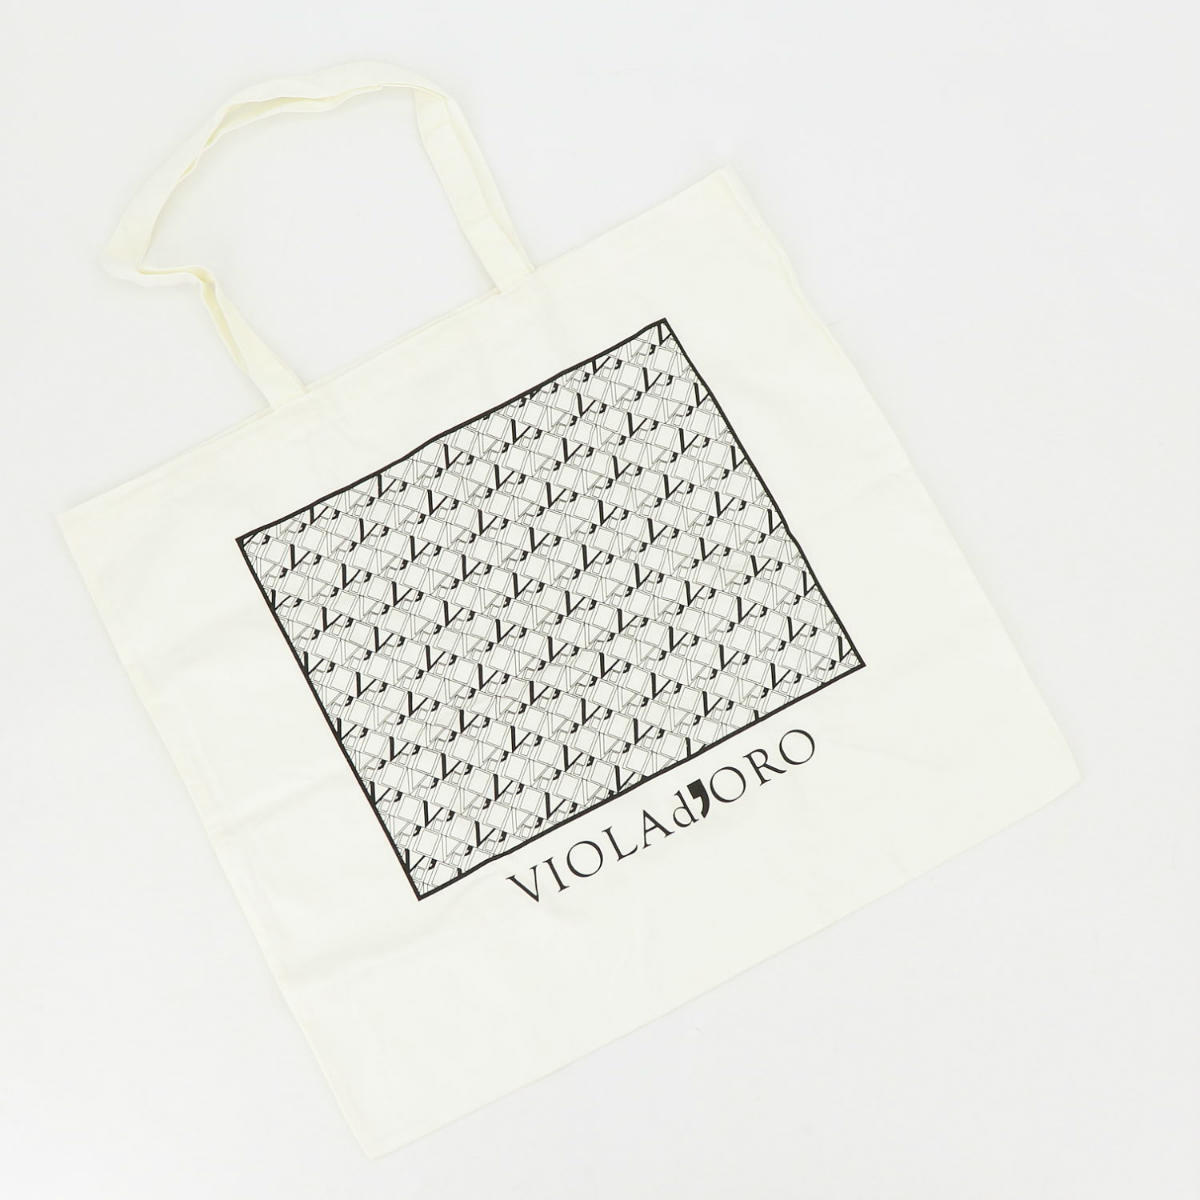 ヴィオラドーロ VIOLAd'ORO レディース スプリットラタン 巾着 ショルダーバッグ MIRO V-8414 VLD (ブラック) 春夏新作